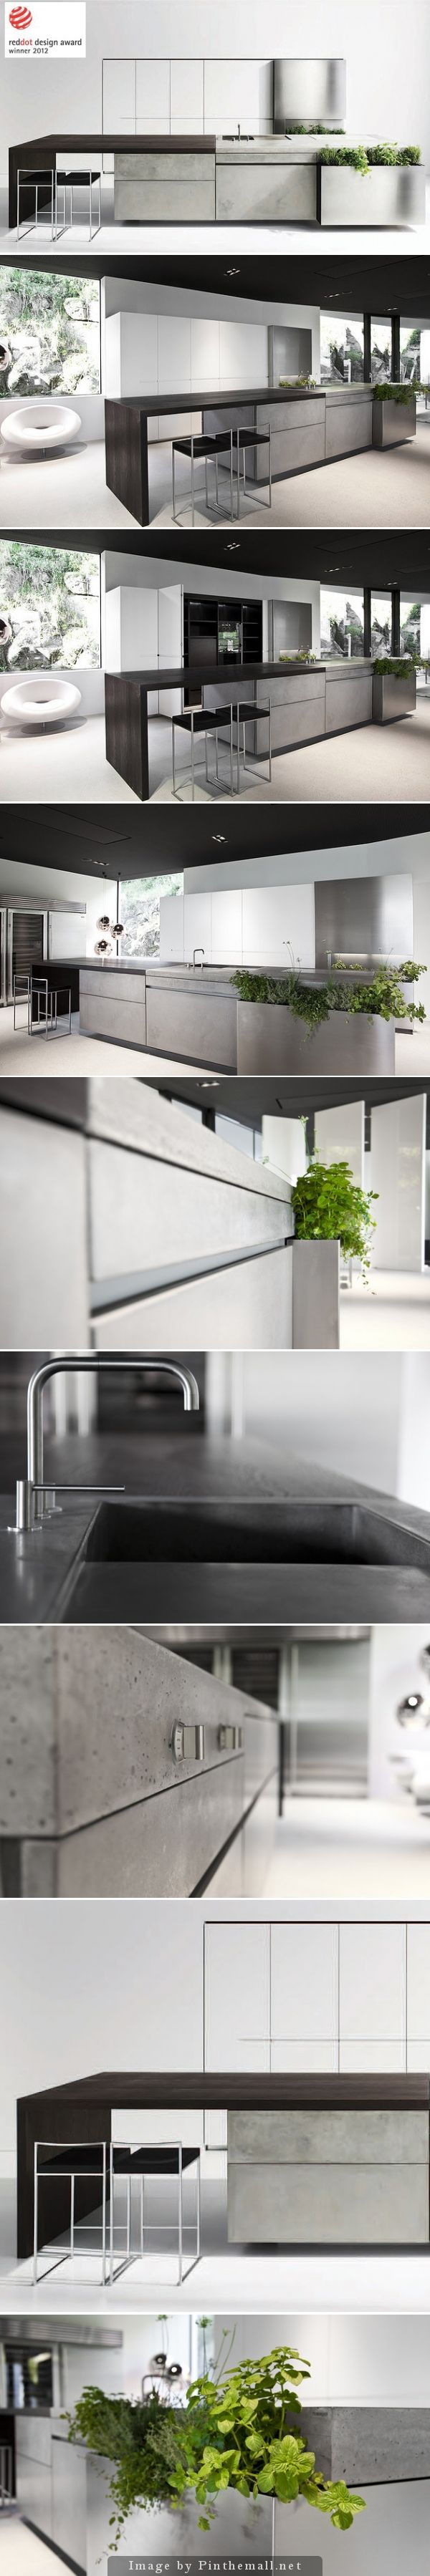 Küchendesign aluminium  best kitchens images on pinterest  kitchen modern kitchen